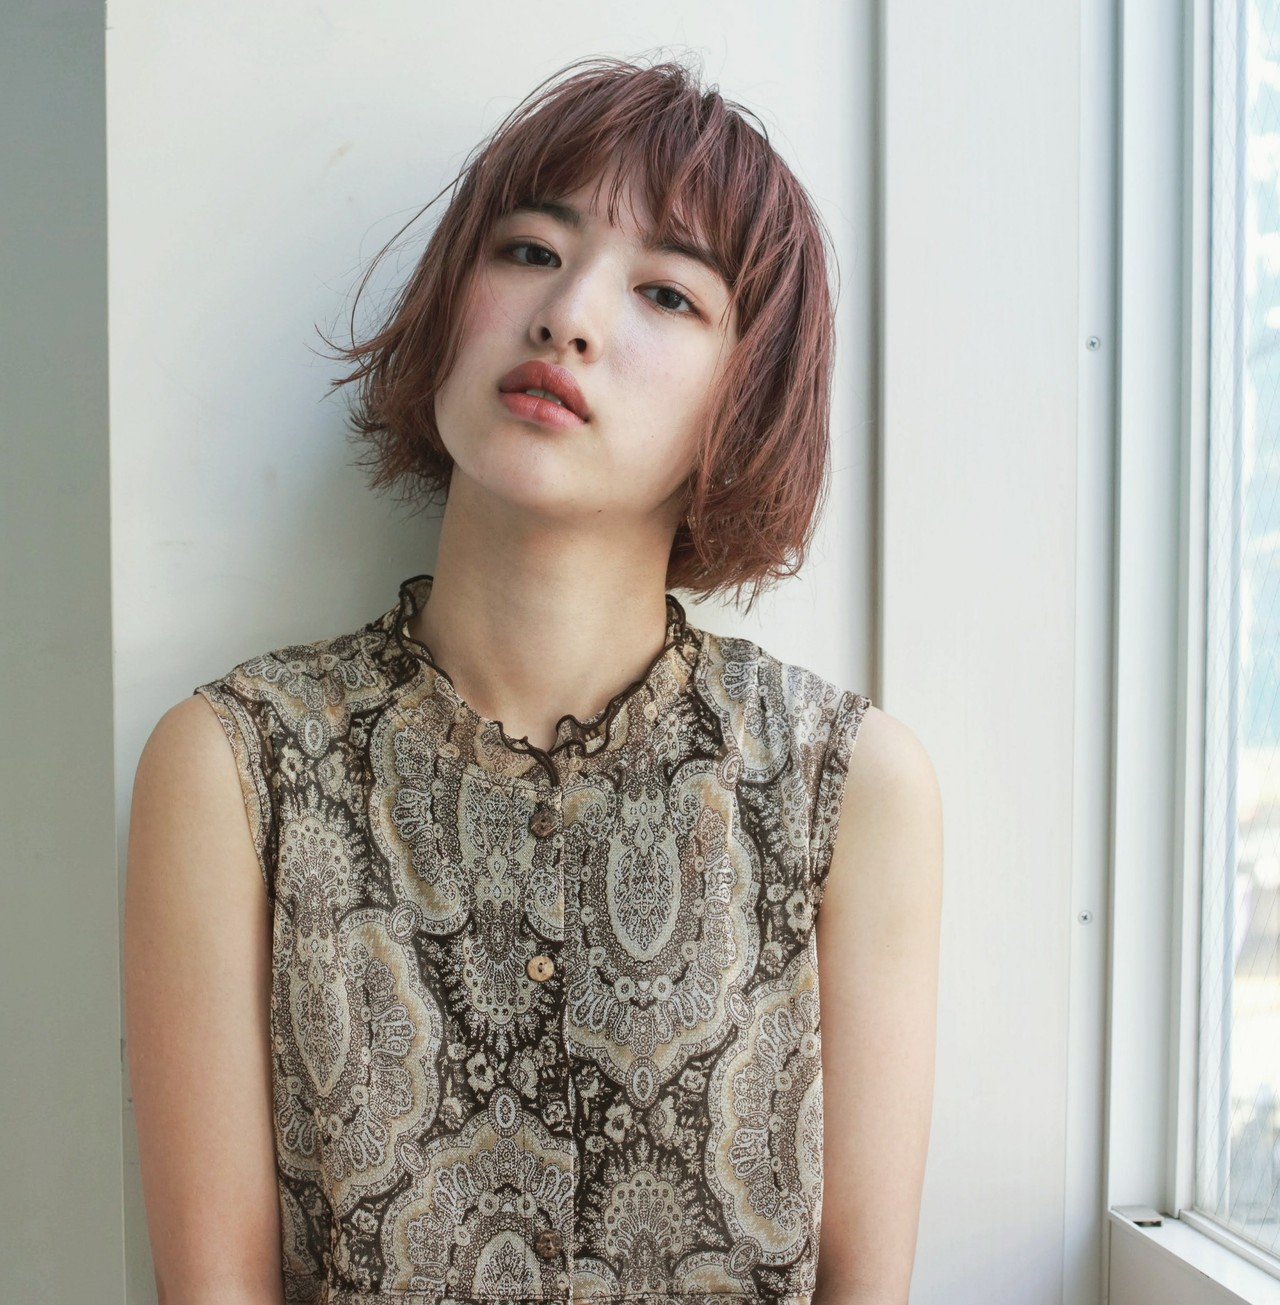 ピンクベージュ ピンク アッシュ ボブ ヘアスタイルや髪型の写真・画像 | Yukie Horiuchi / スパイスアヴェダ